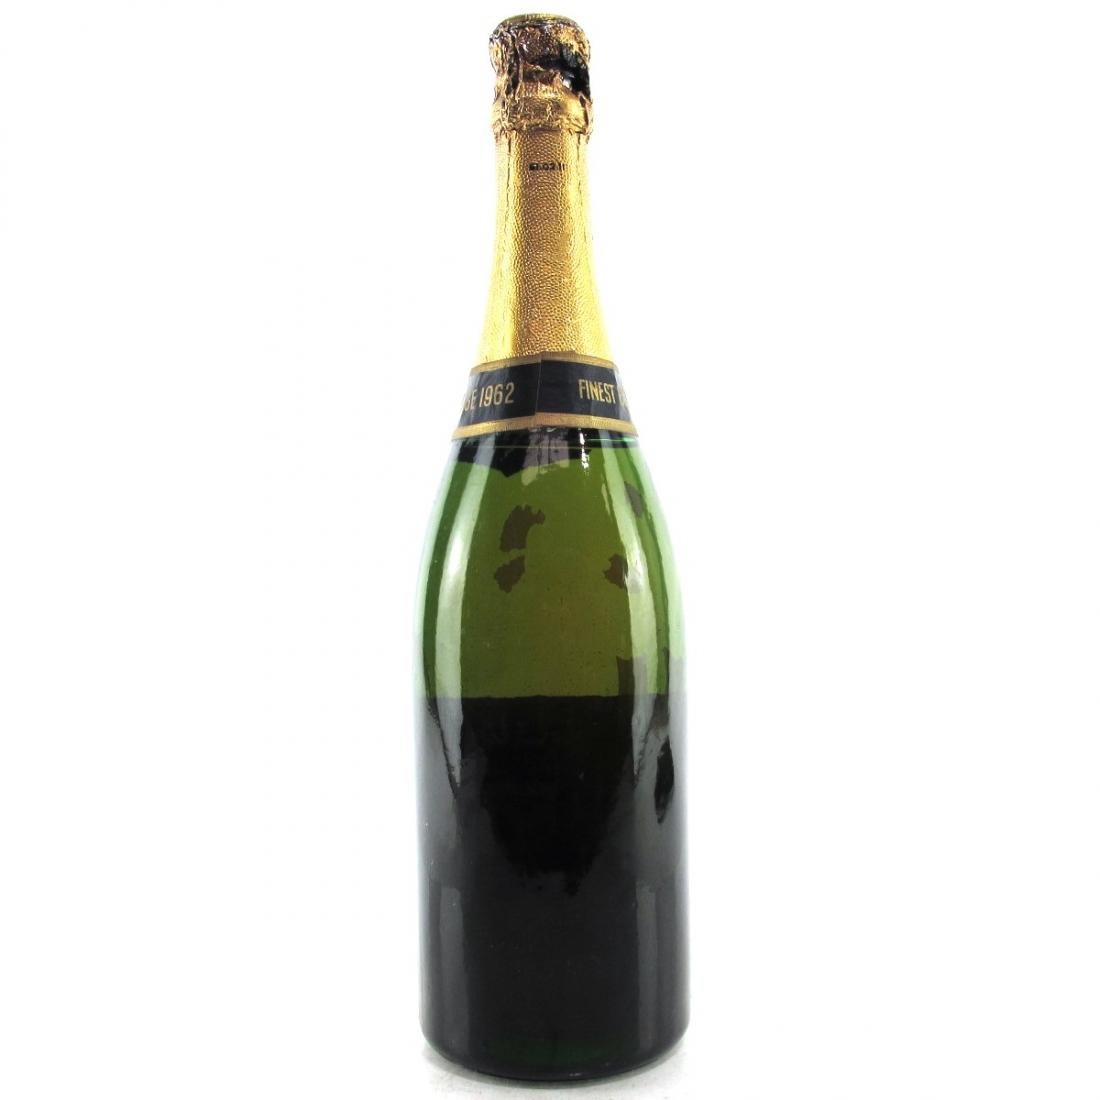 Charles Heidsieck 1962 Vintage Champagne